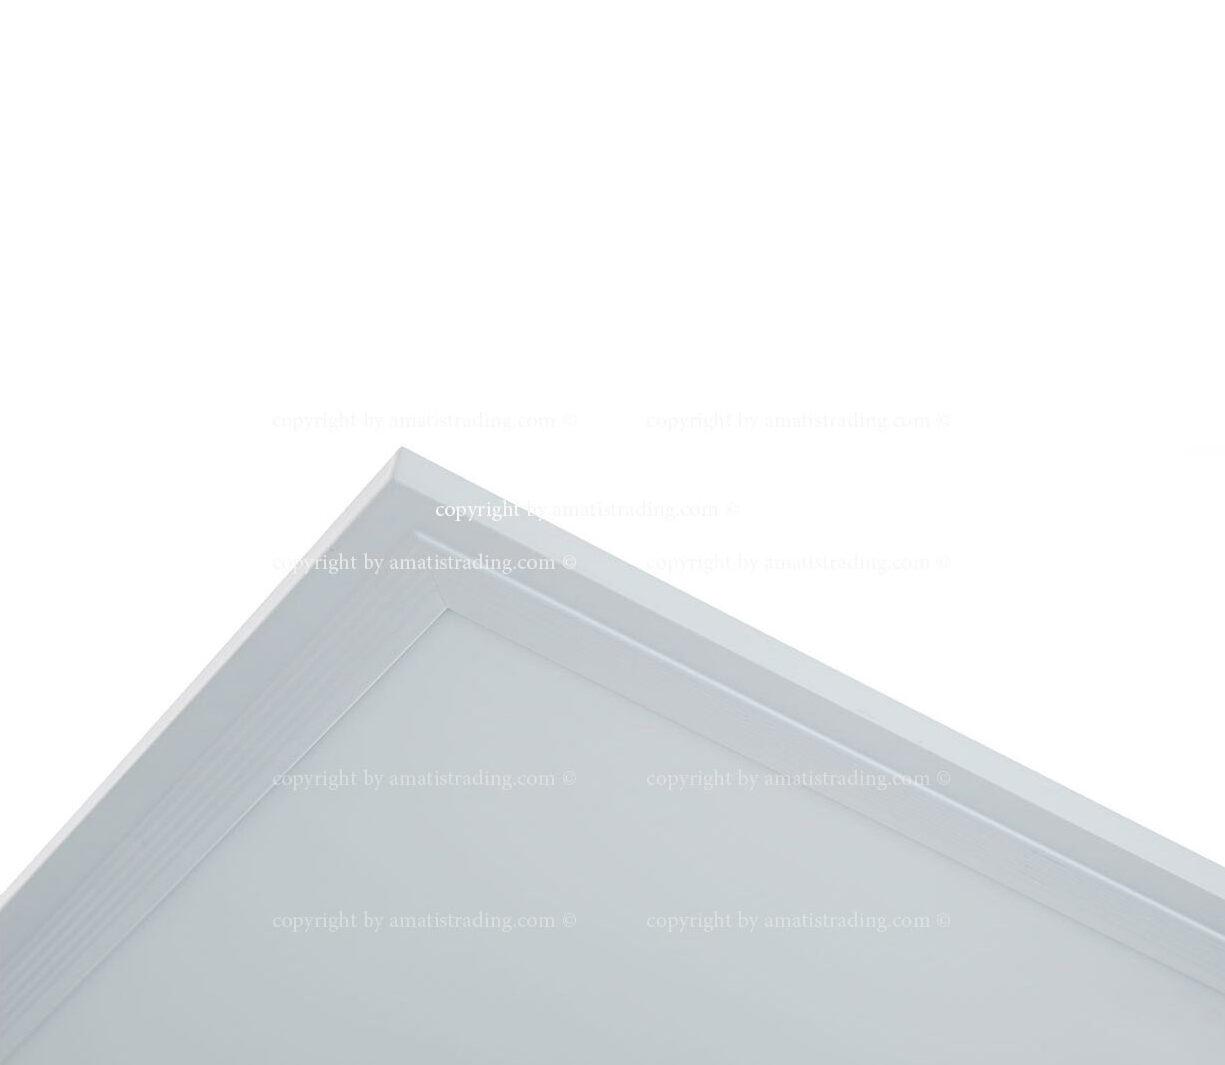 پنل ۶۰ در ۶۰ سقفی ۴۸ وات tnt LED بسیار ارزان و اقتصادی